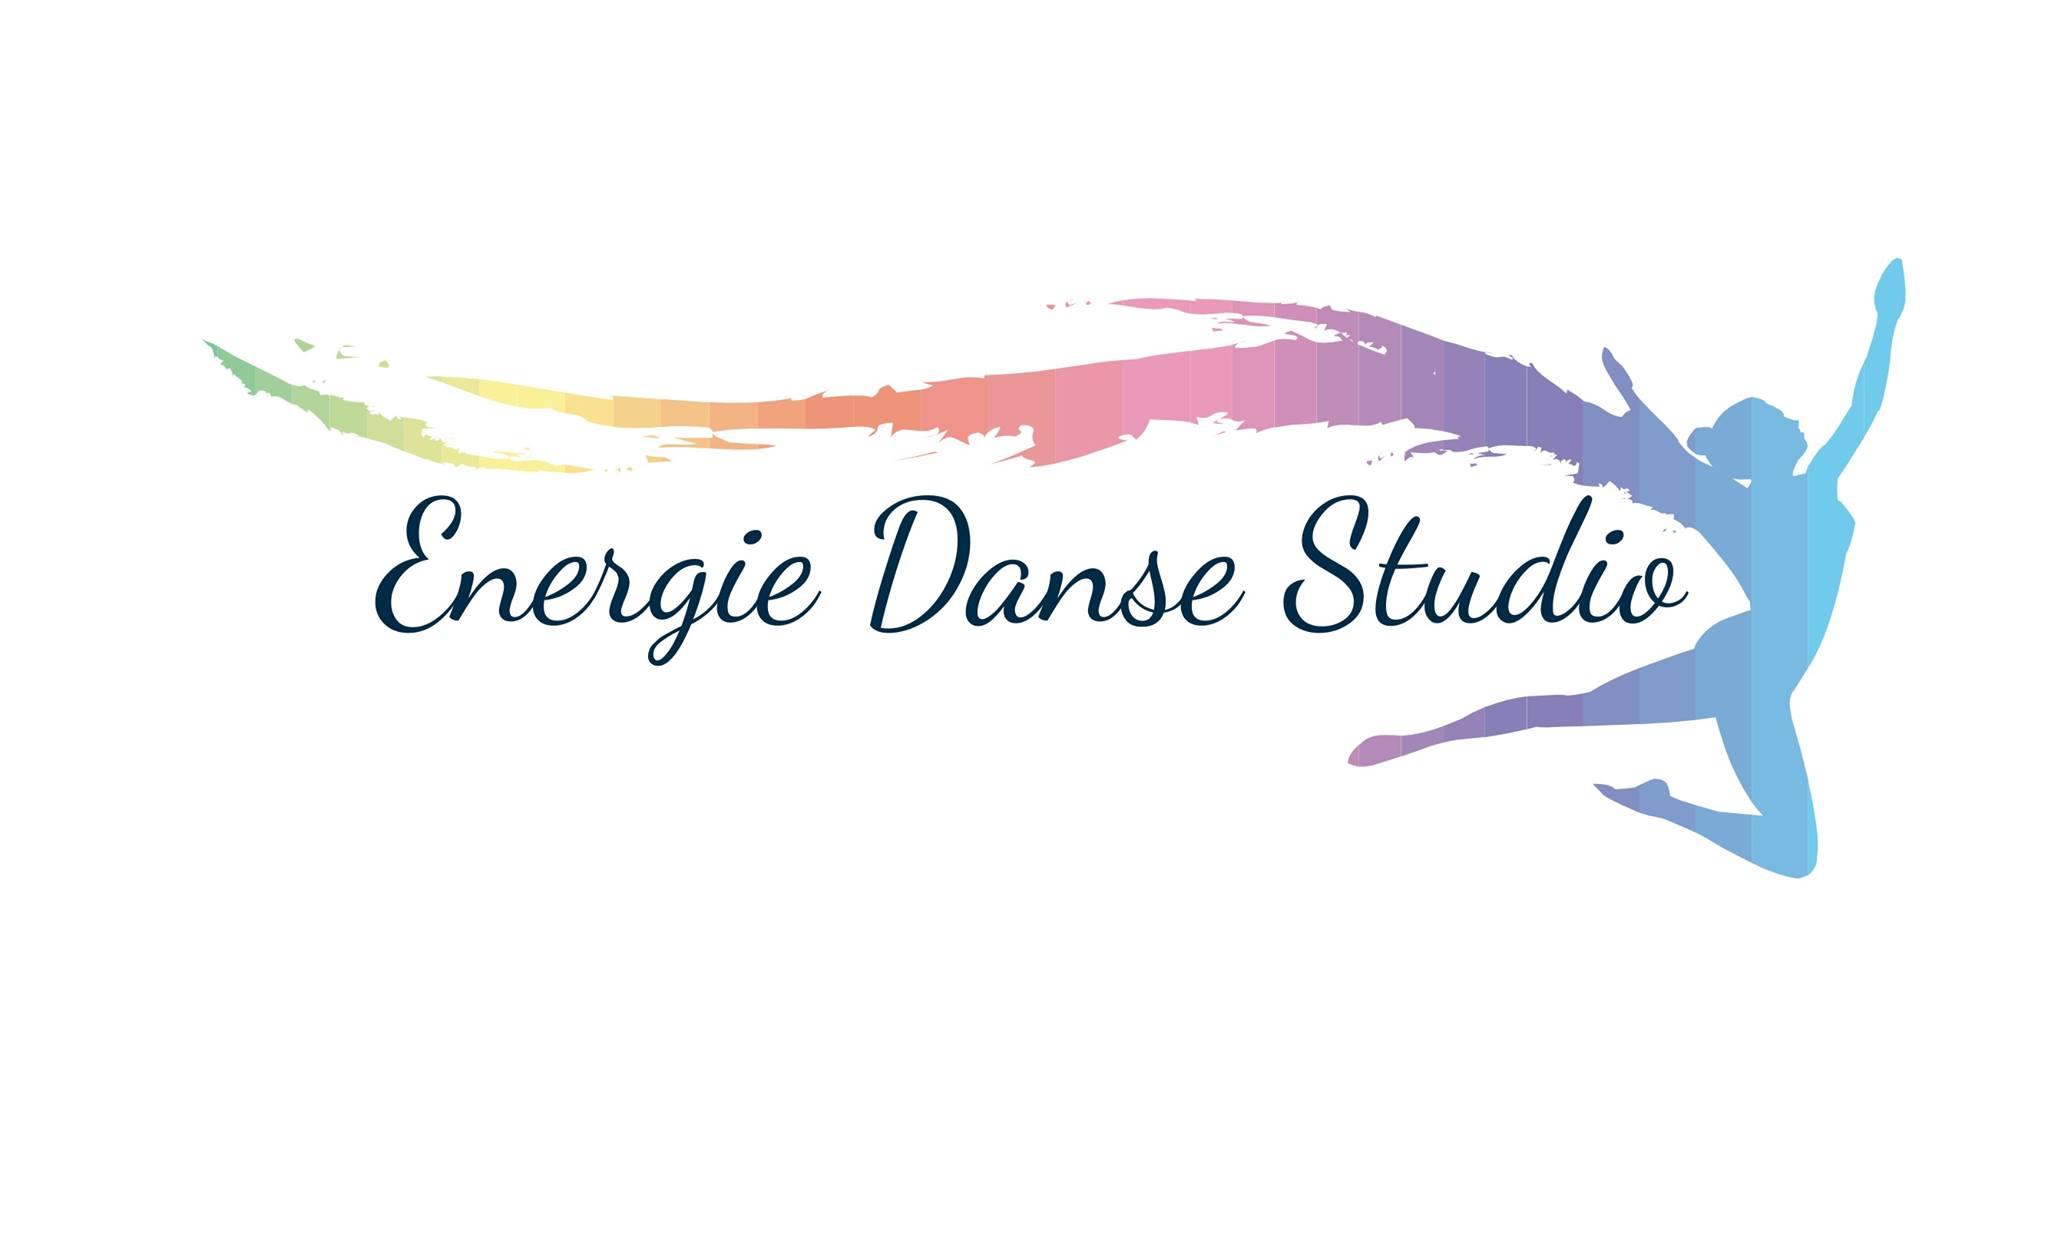 energie danse studio.jpg